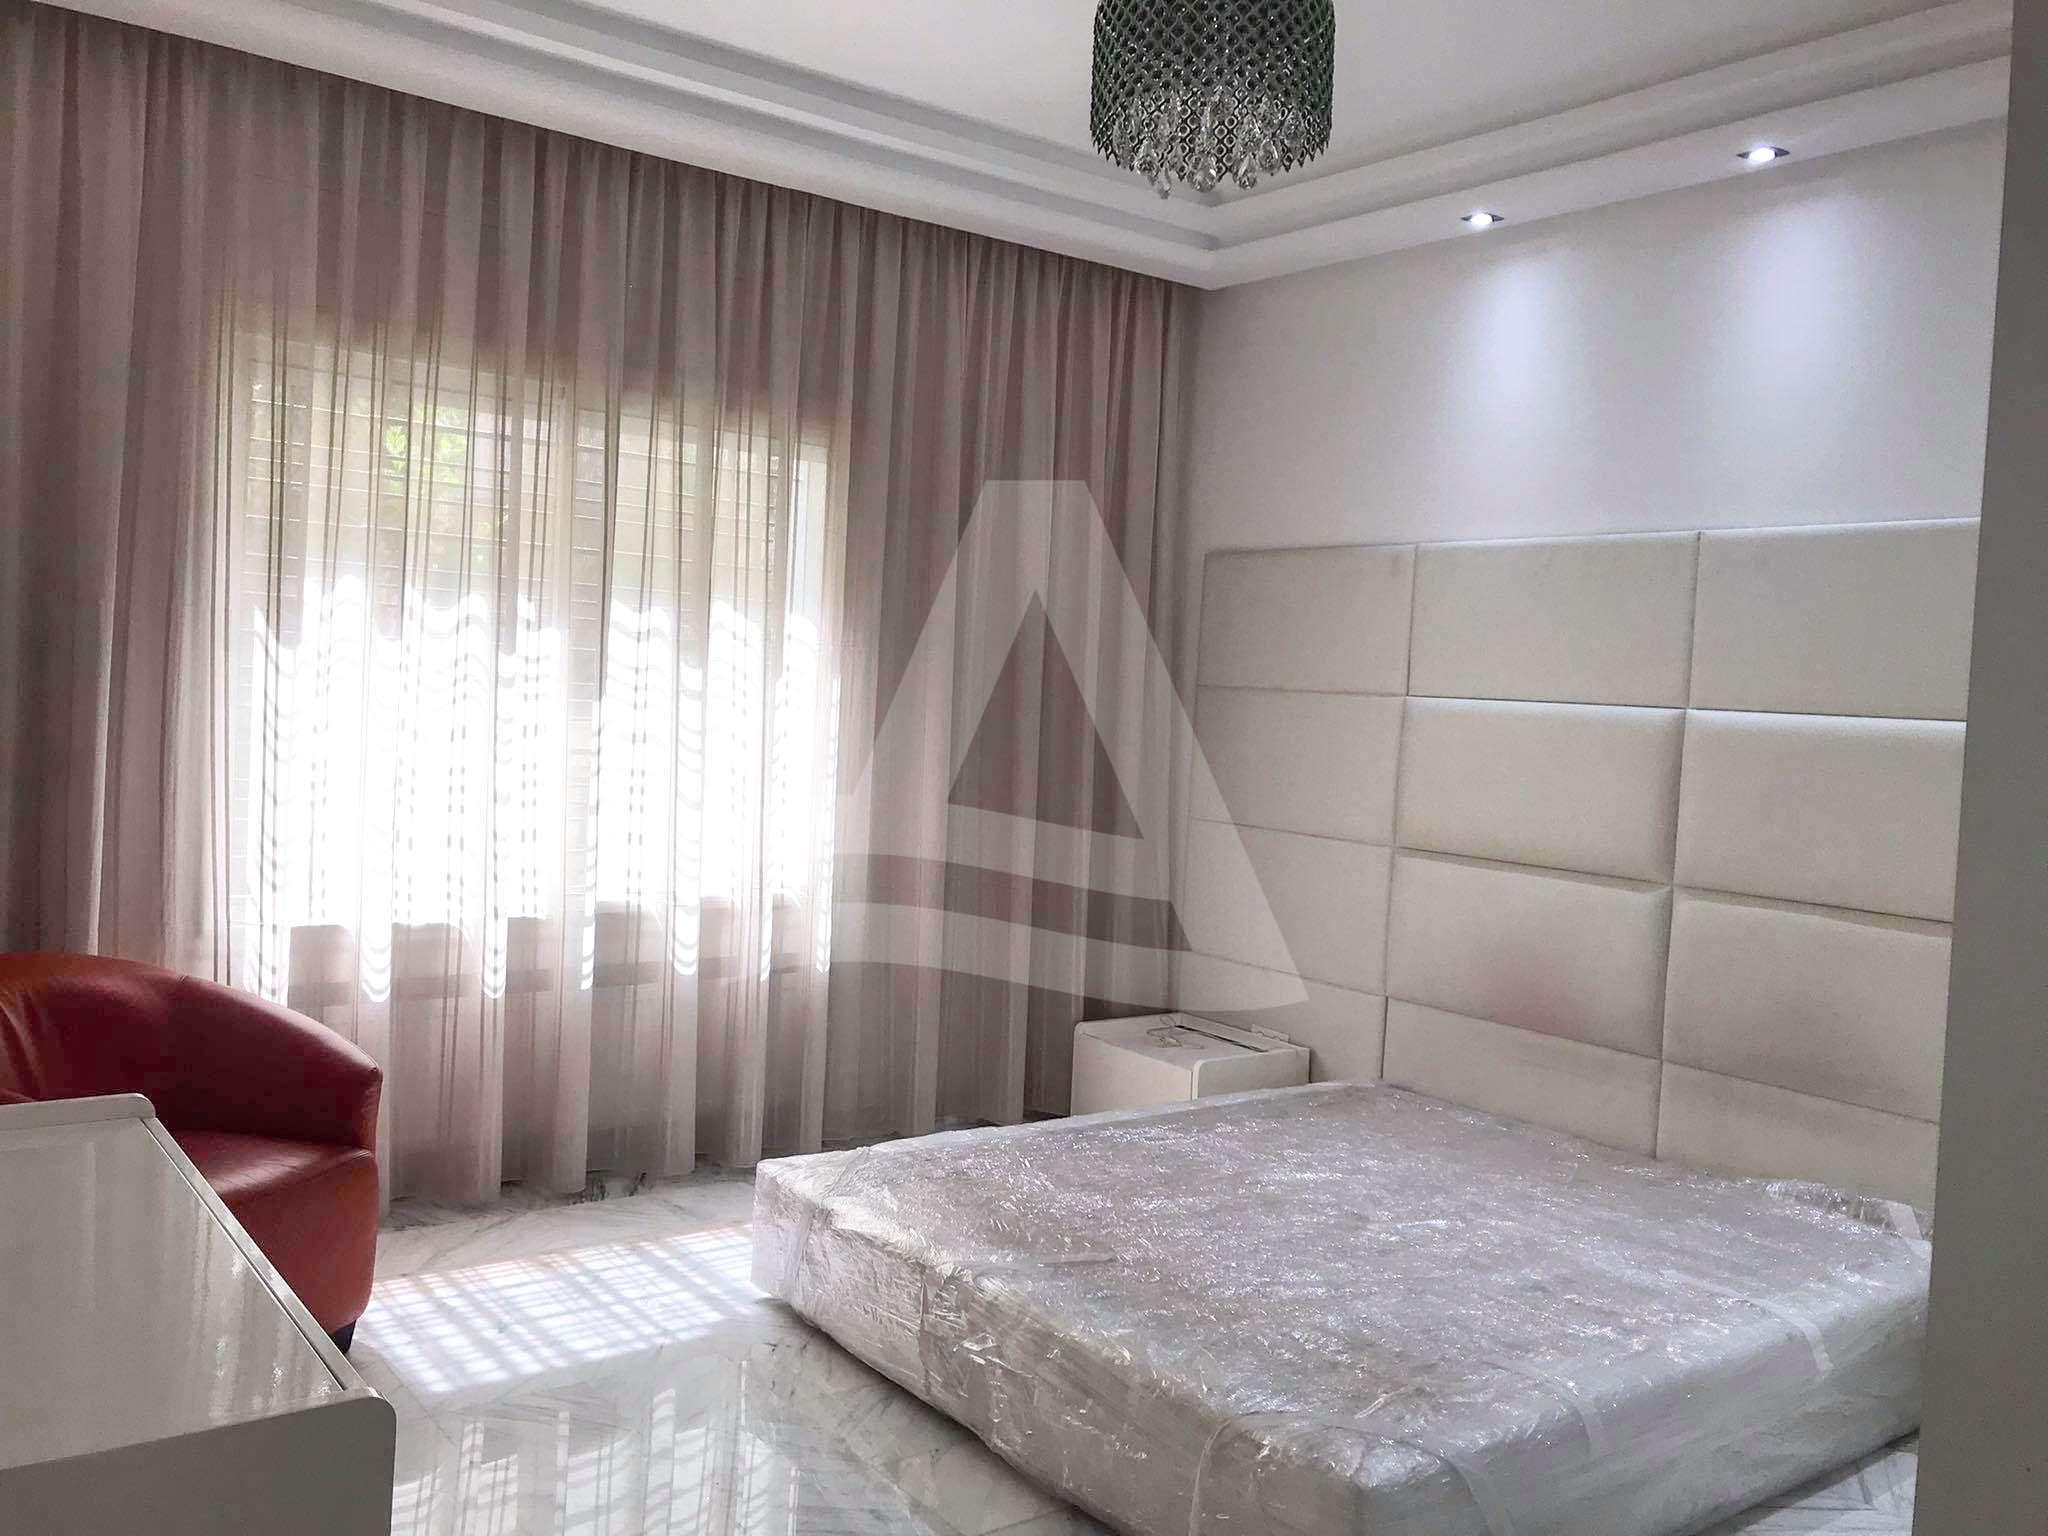 httpss3.amazonaws.comlogimoaws5207957771627484097appartement_meublé_7_sur_17